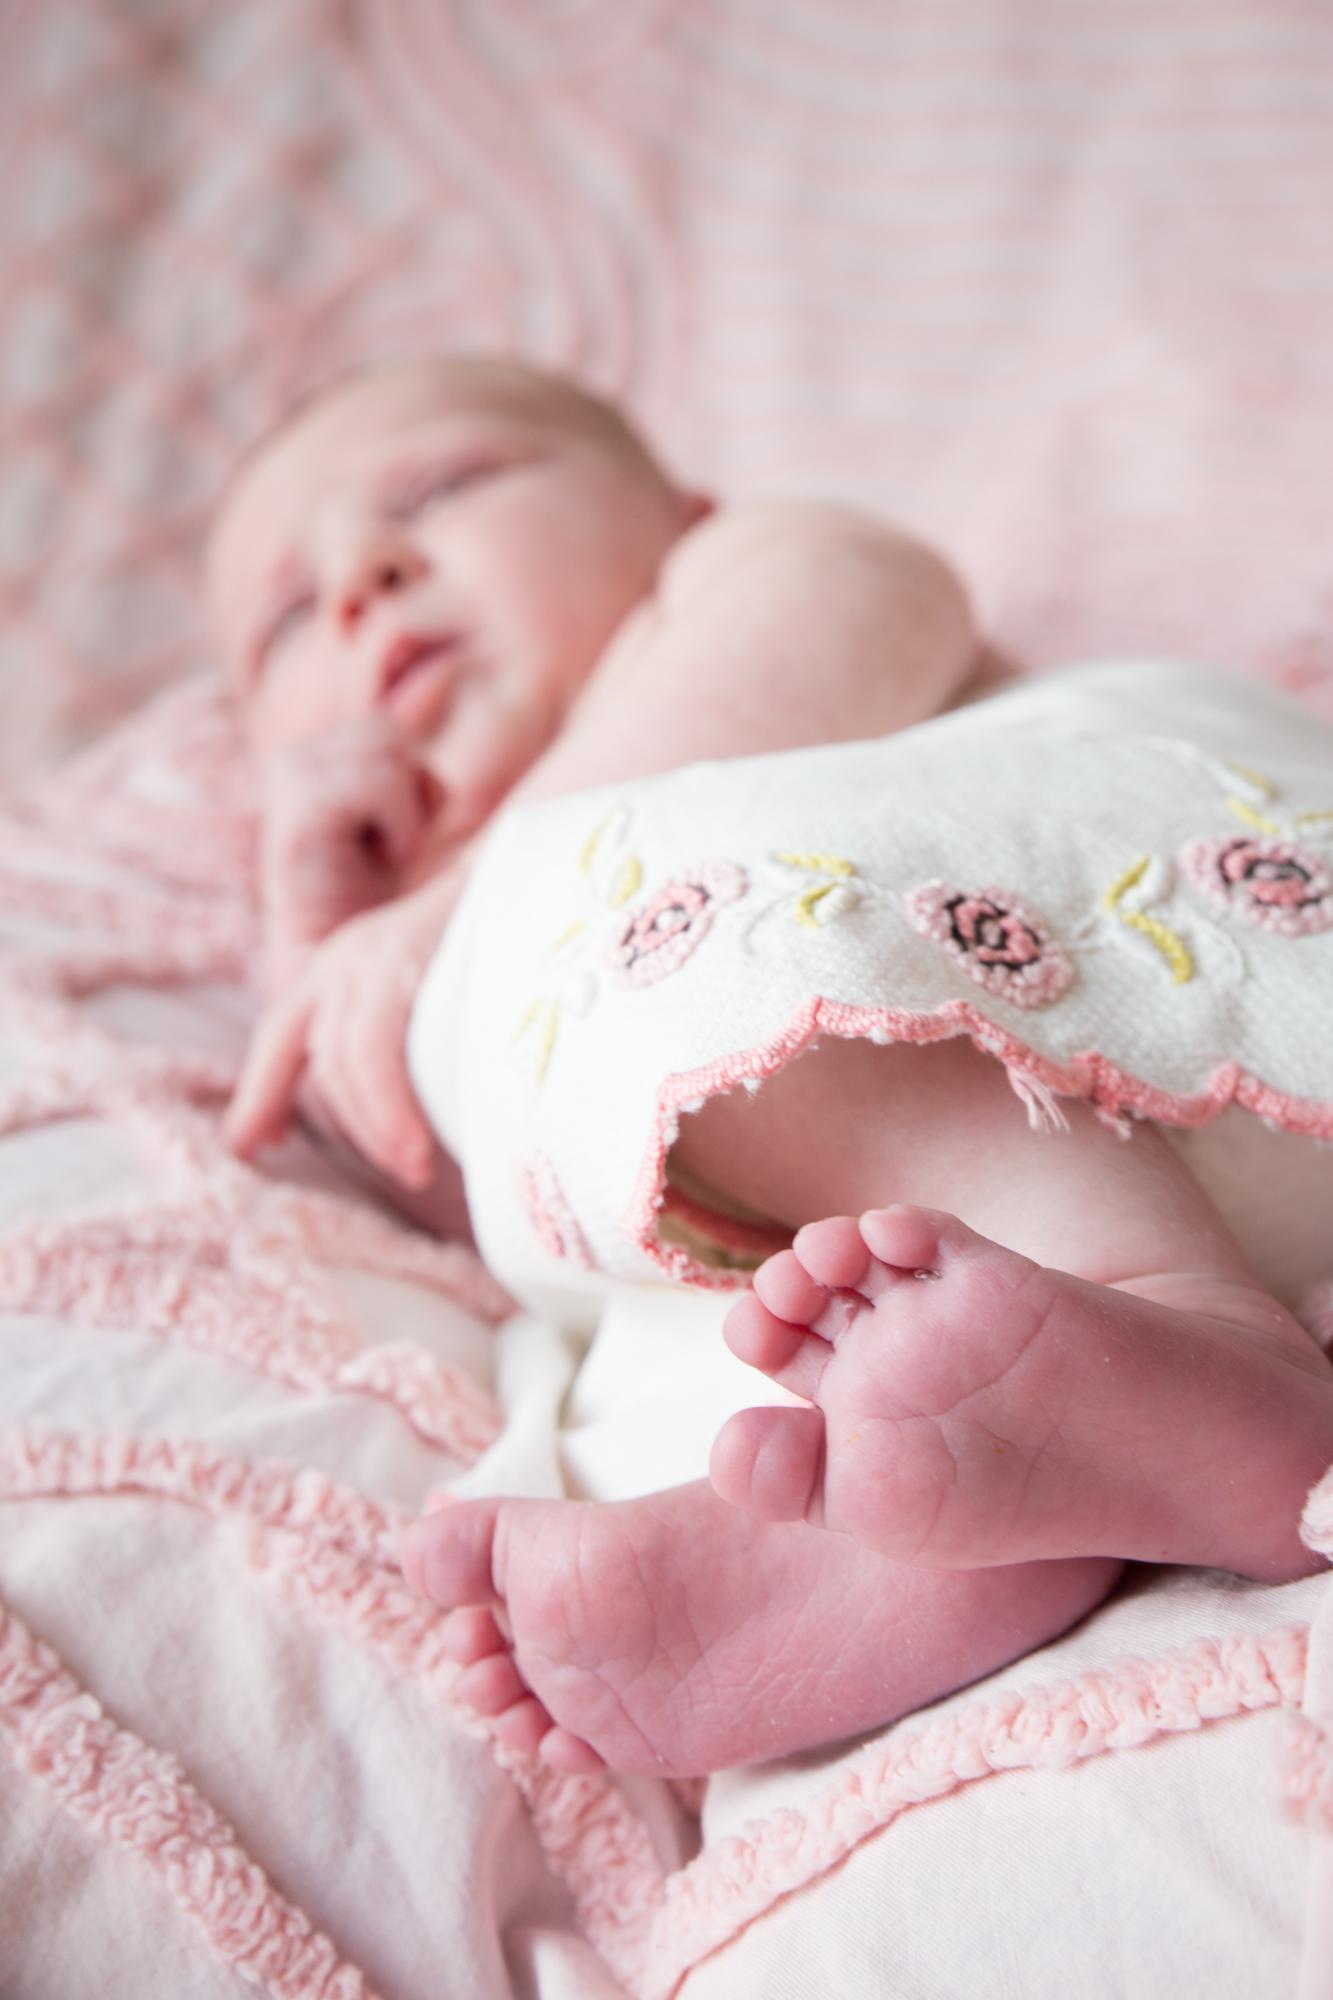 www.fivefivephotos.com.2014.Infant.Seckel.7